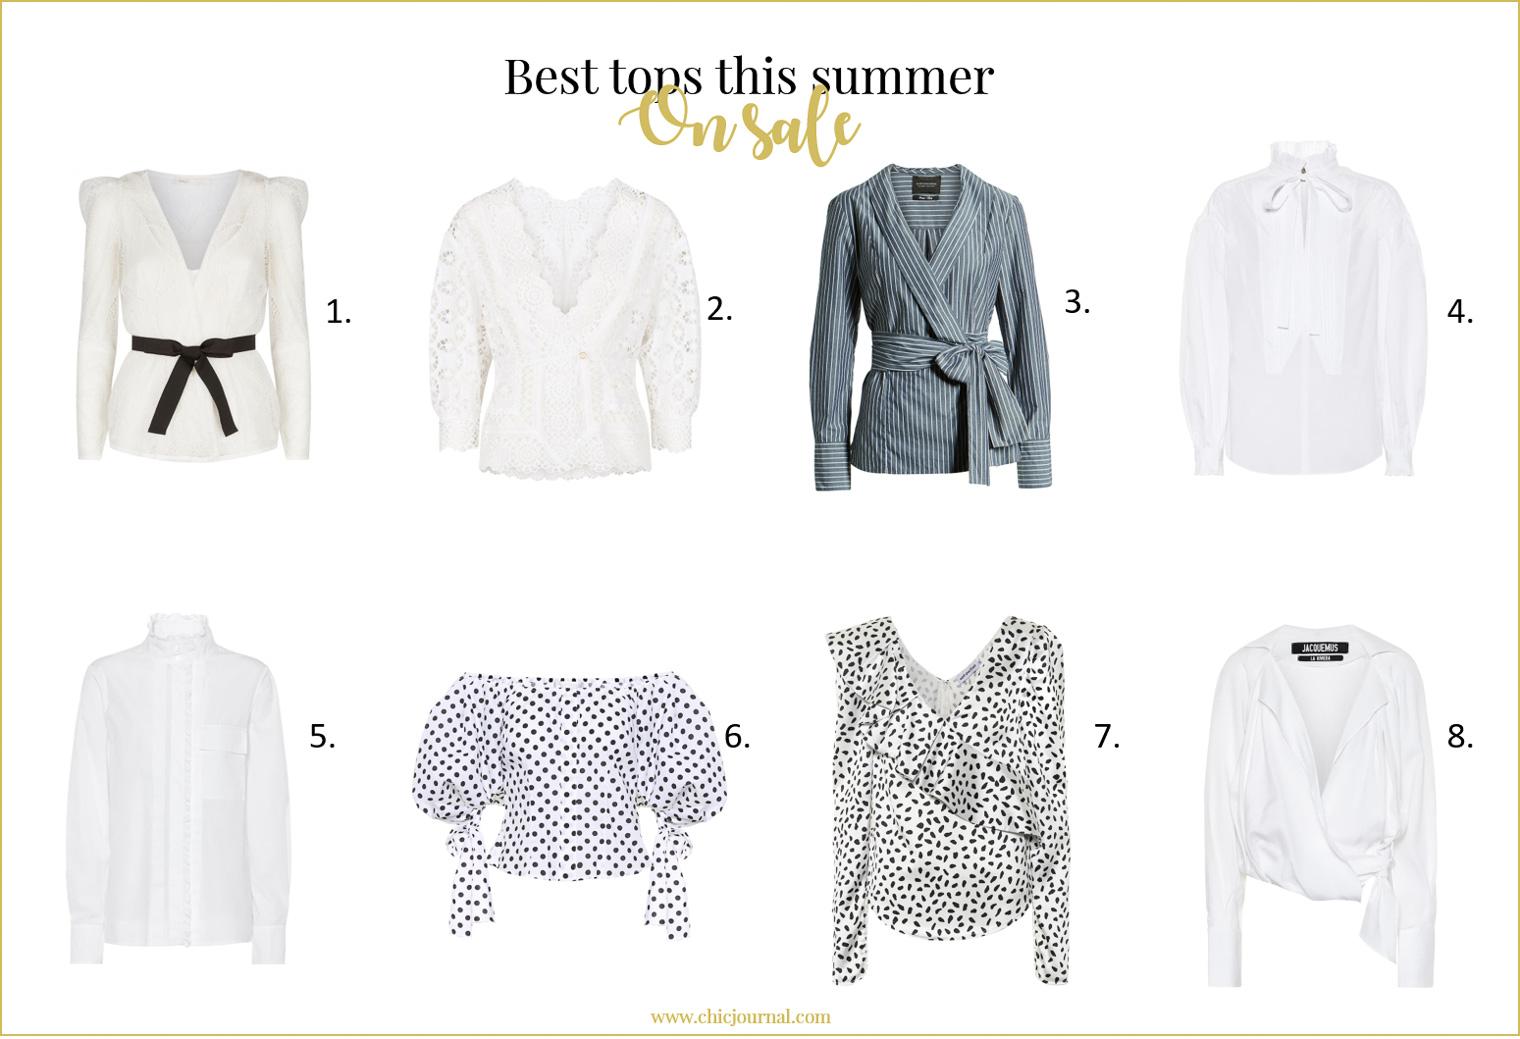 Best tops is summer sales